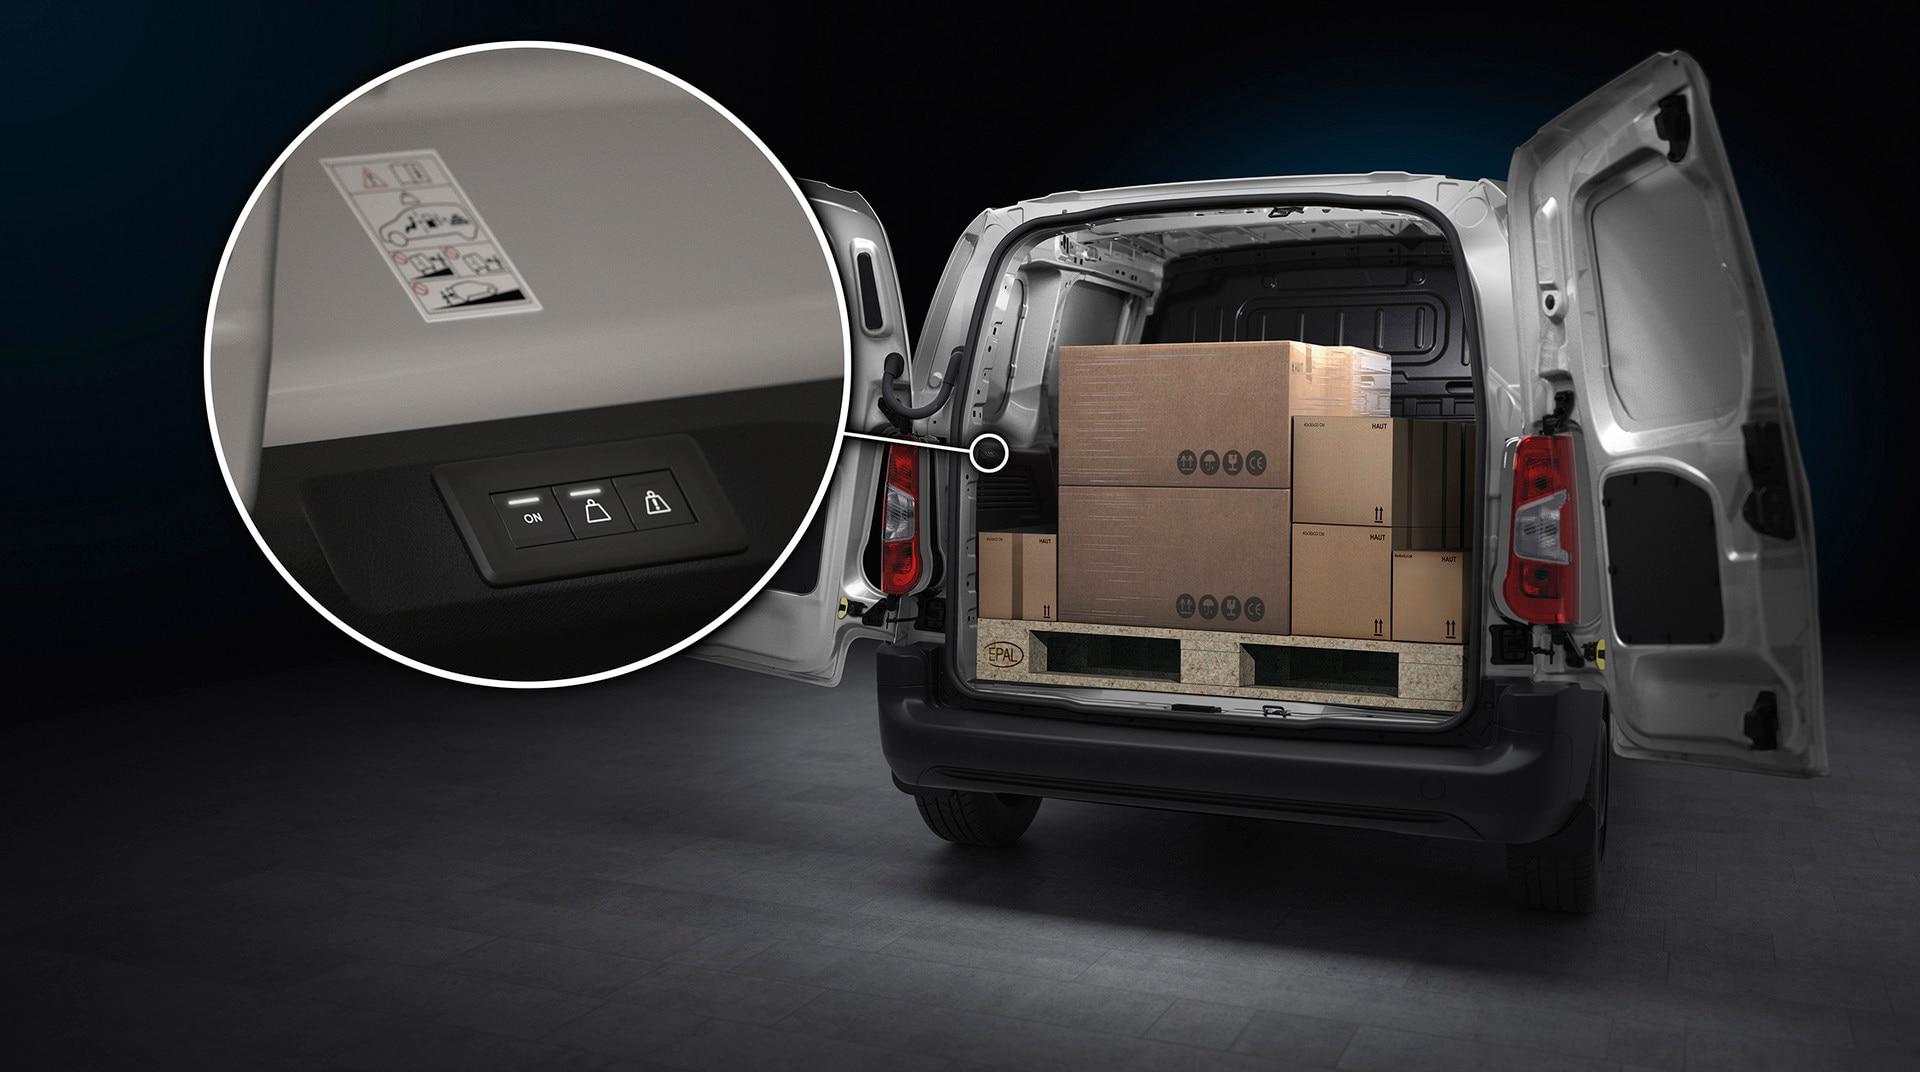 OVERLOAD INDICATOR nouveau PEUGEOT Partner une fonction embarquée innovante permettant d'informer le conducteur du dépassement de la masse maximale autorisée. ADAS